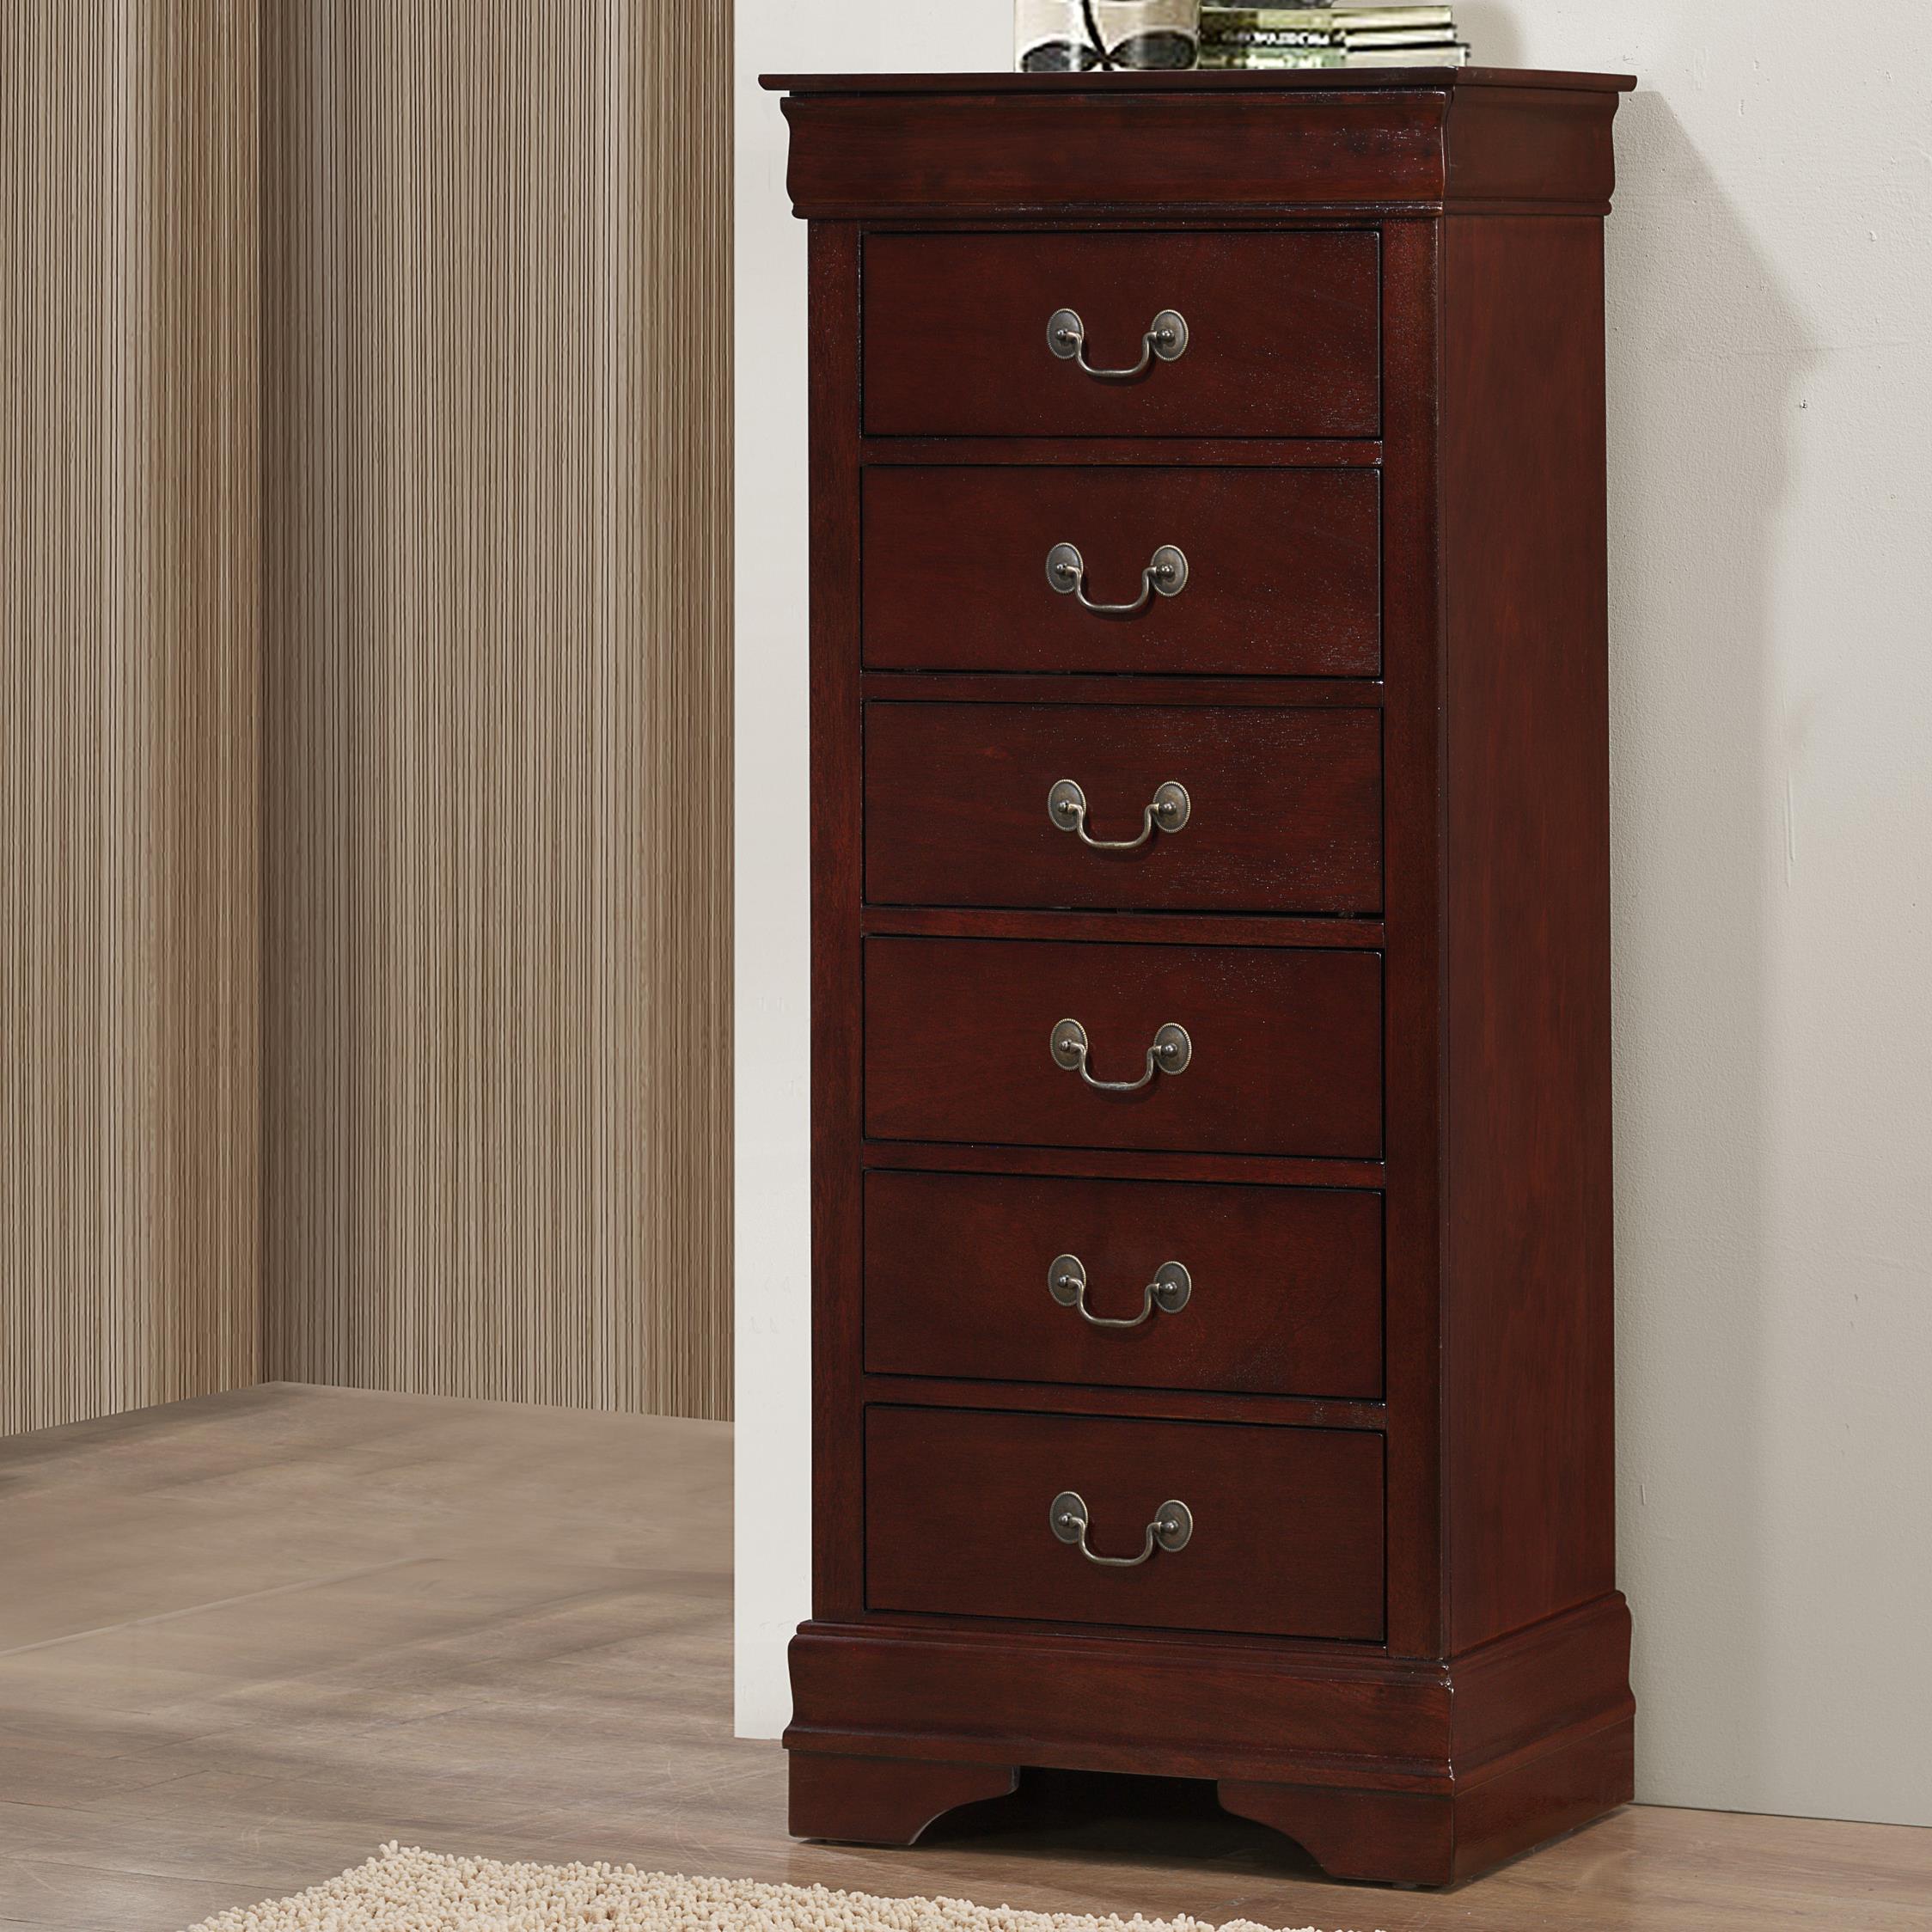 Lingerie chest of drawers crown mark b3800 Louis Phillipe lingerie chest - item number: b3800-6-hd KGKYKQE